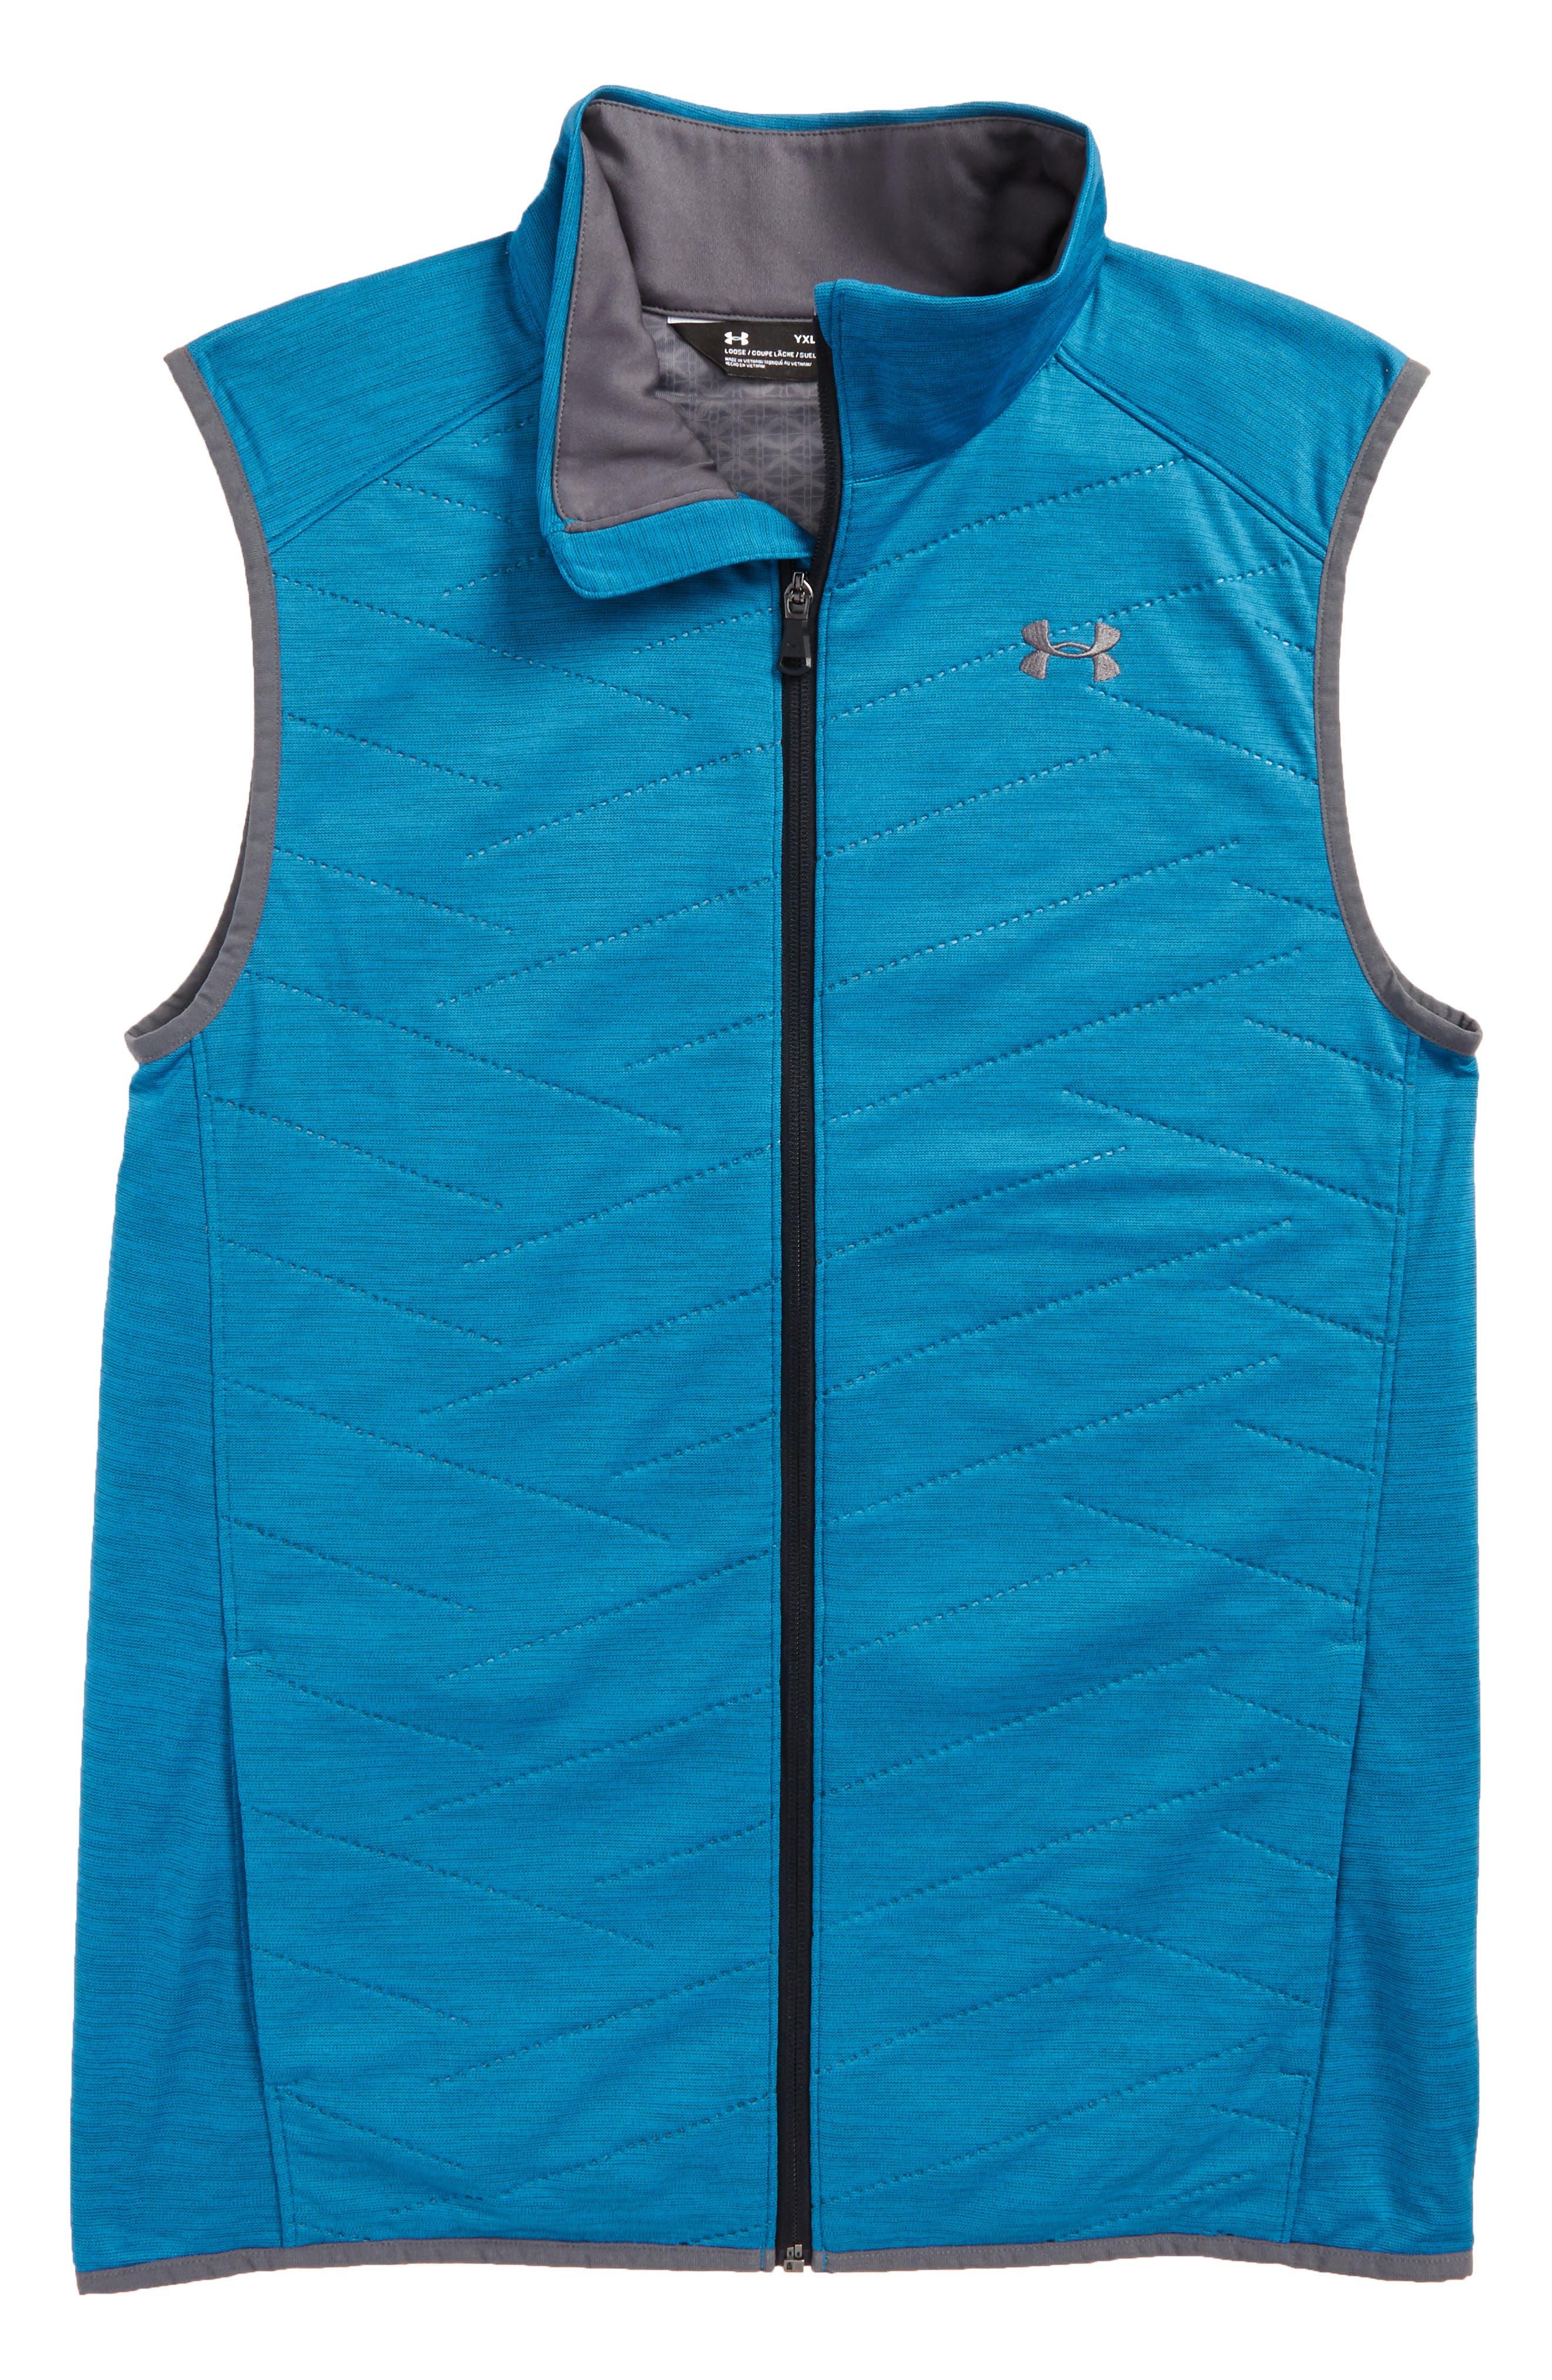 ColdGear<sup>®</sup> Reactor Hybrid Vest,                         Main,                         color, 400